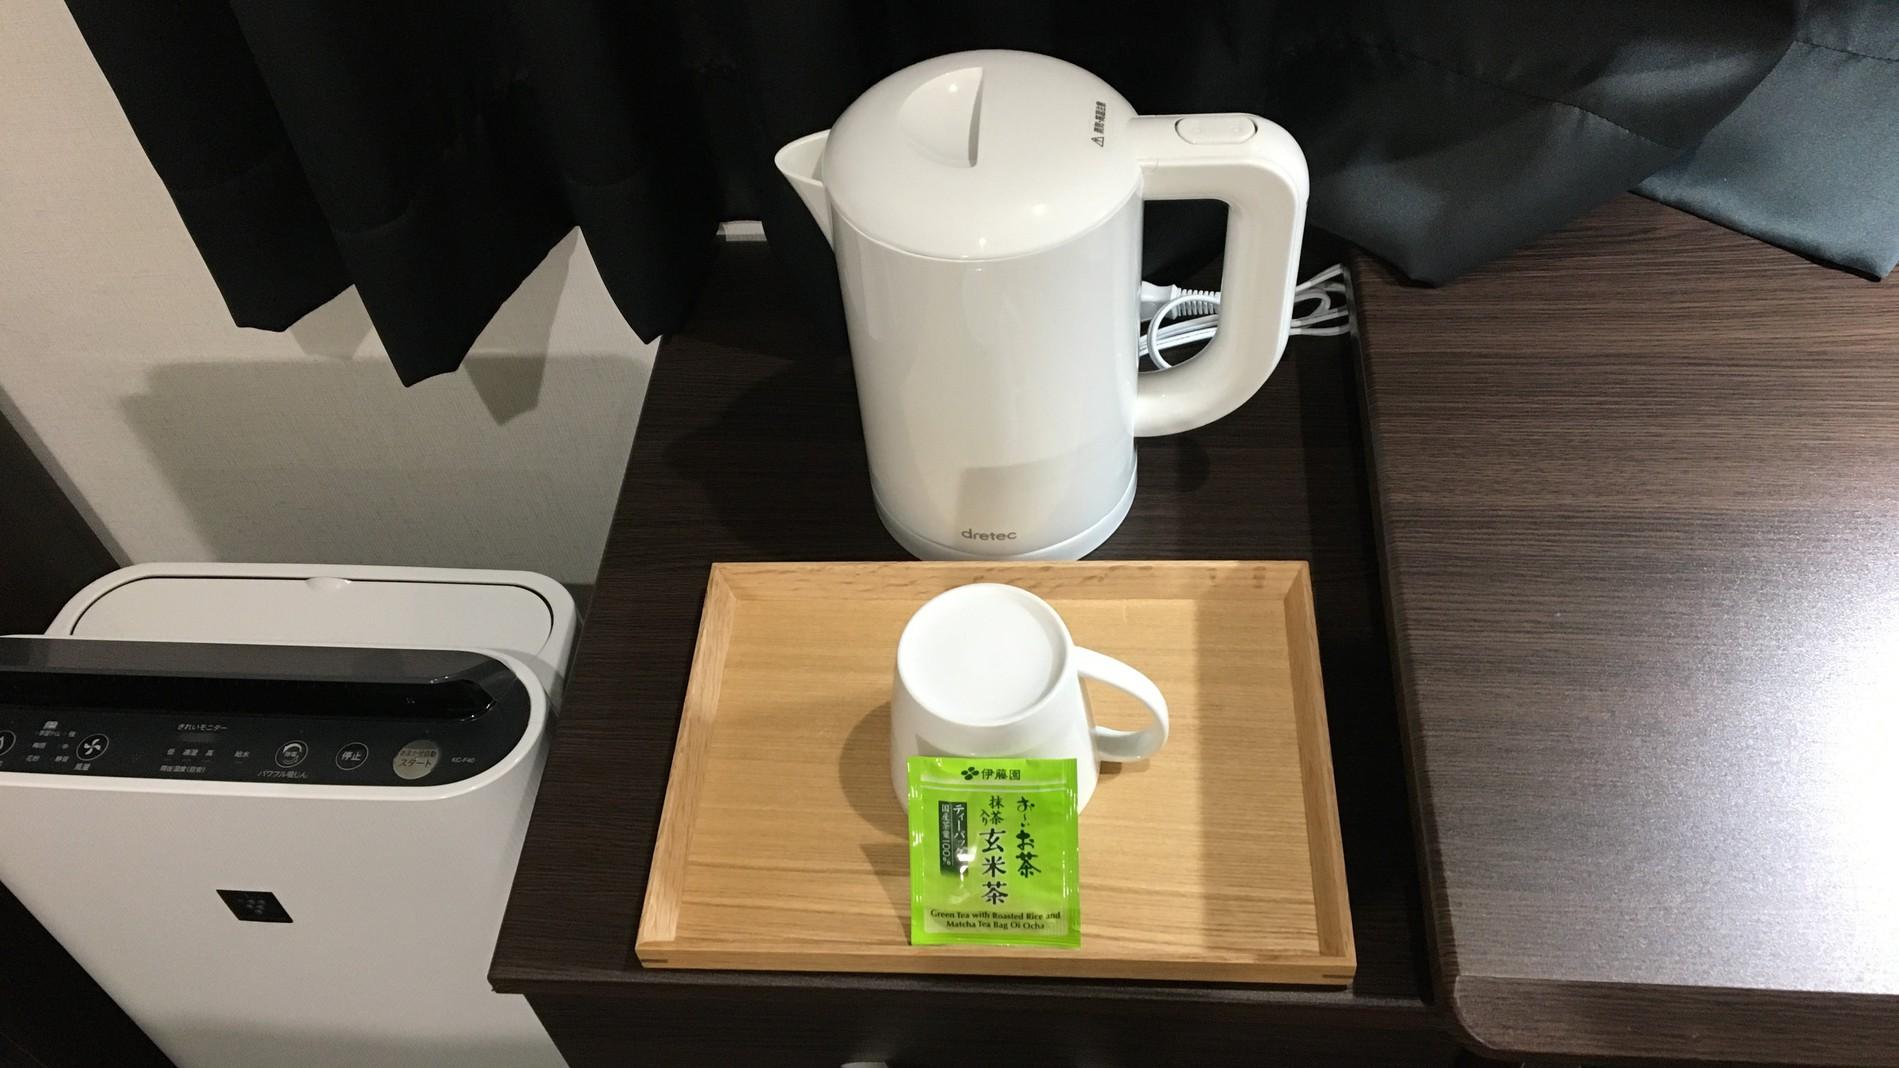 ケトル/マグカップ/お茶